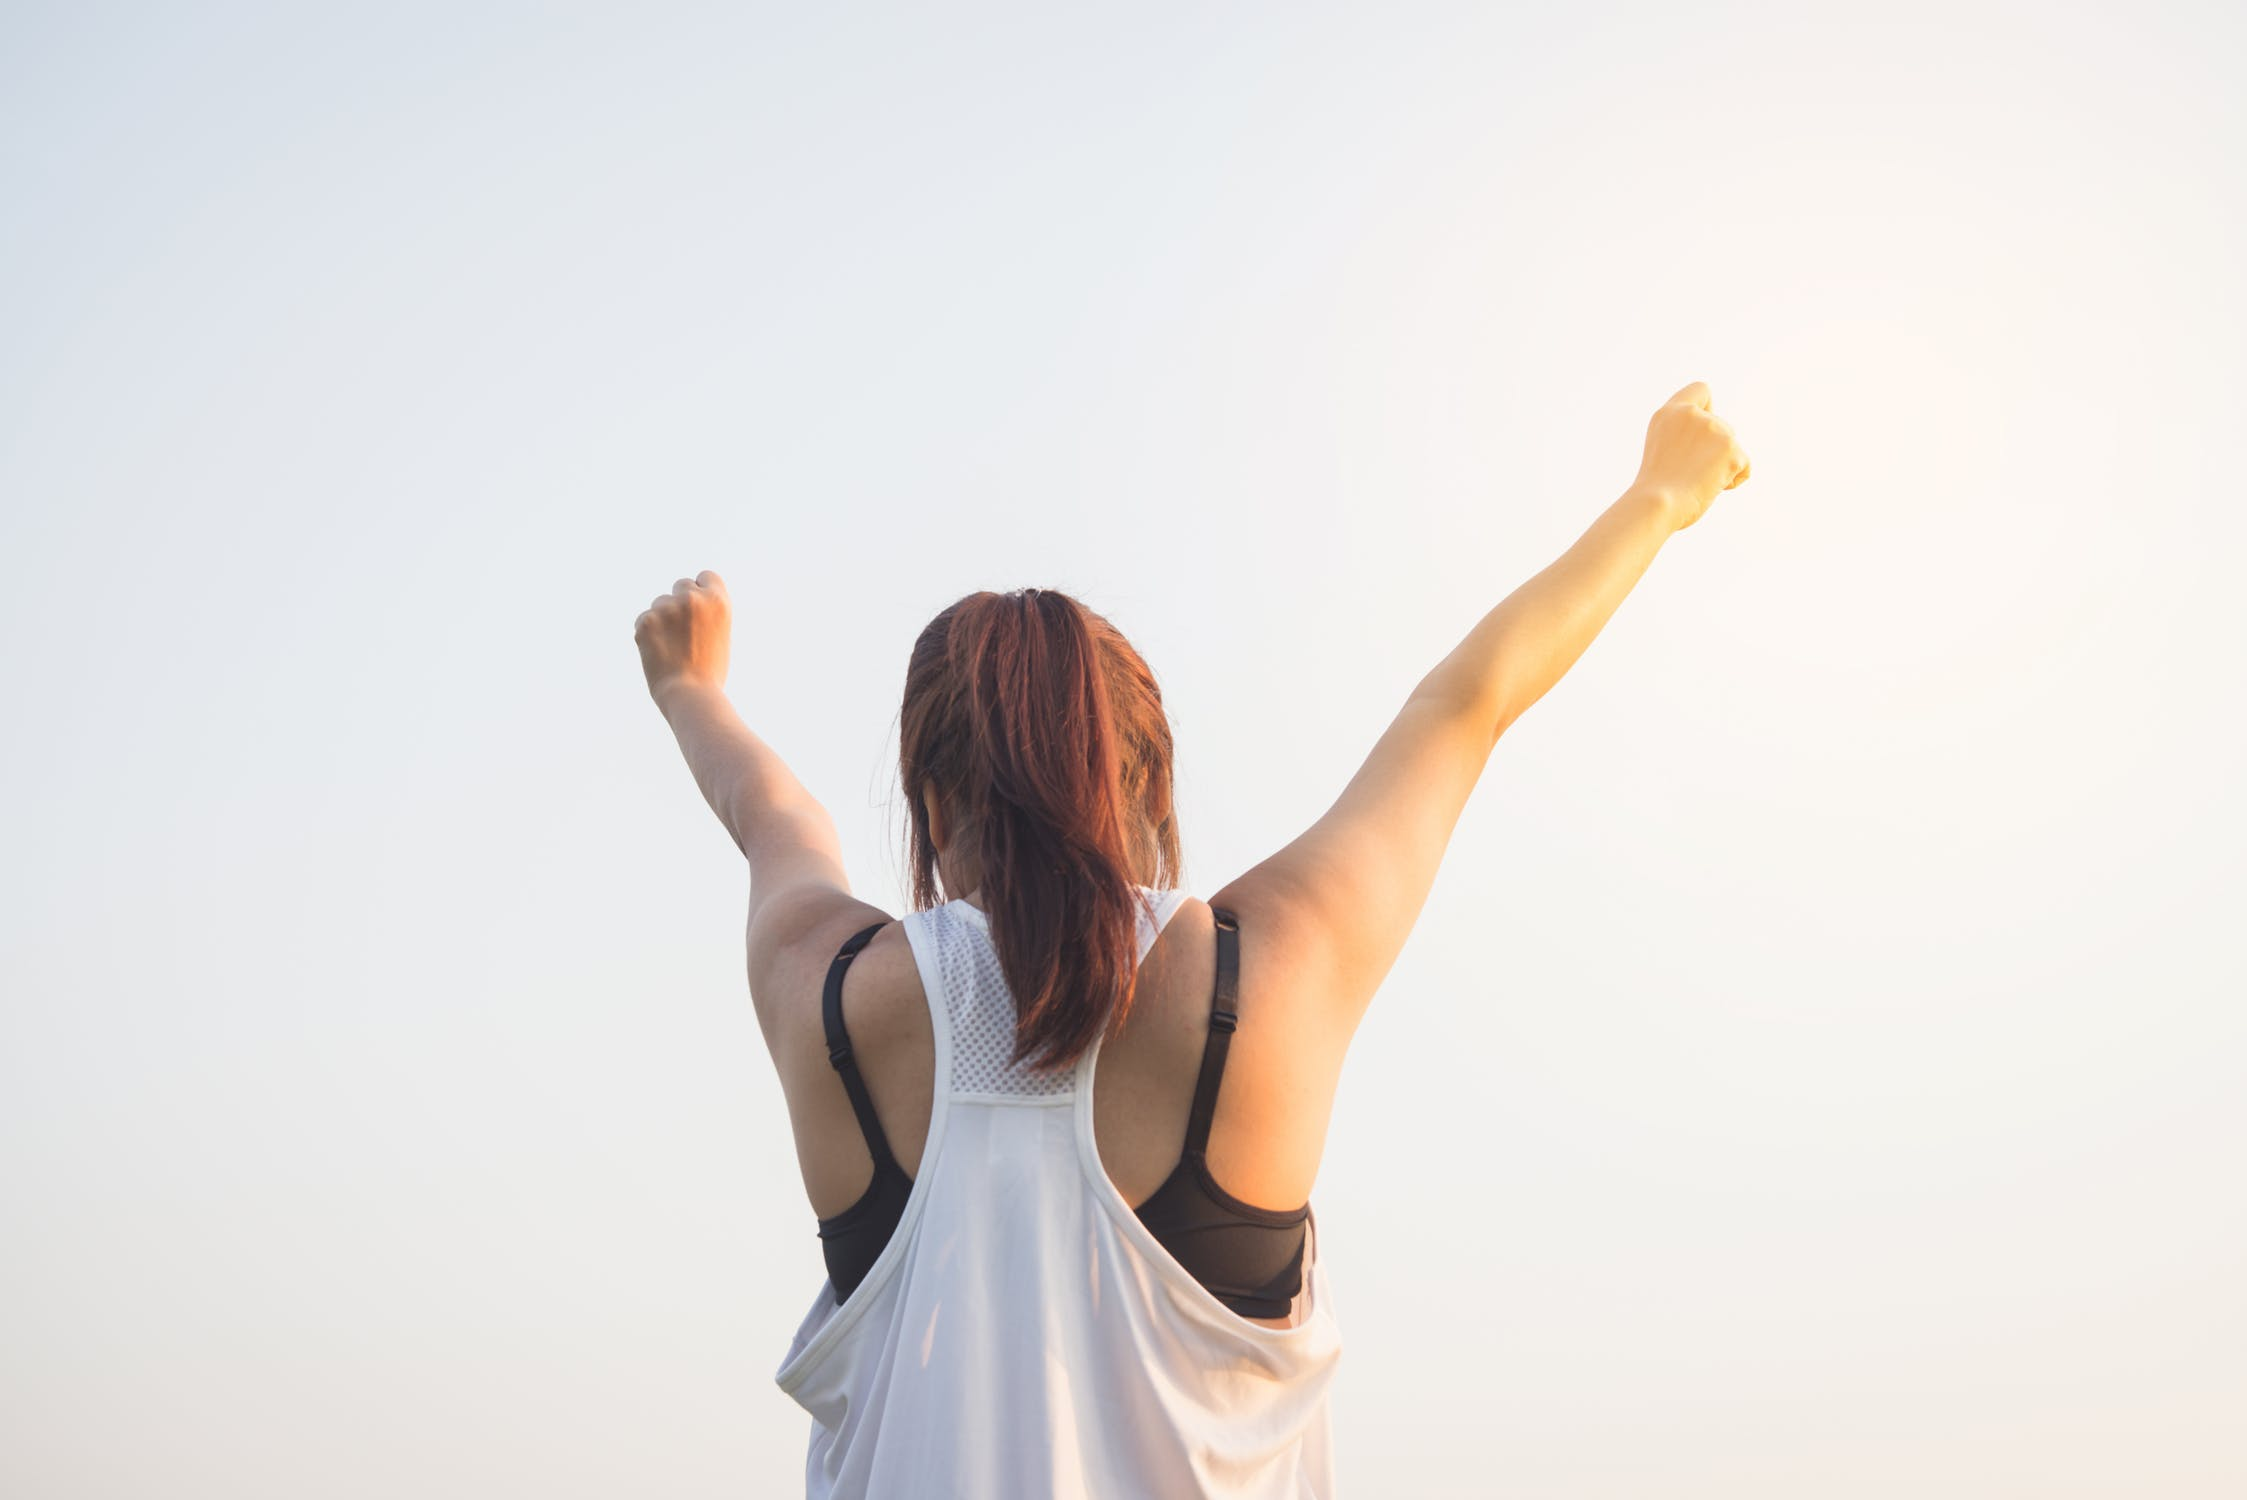 一時のやる気なんて要らない。やる気のある状態を、習慣化させることが大切。